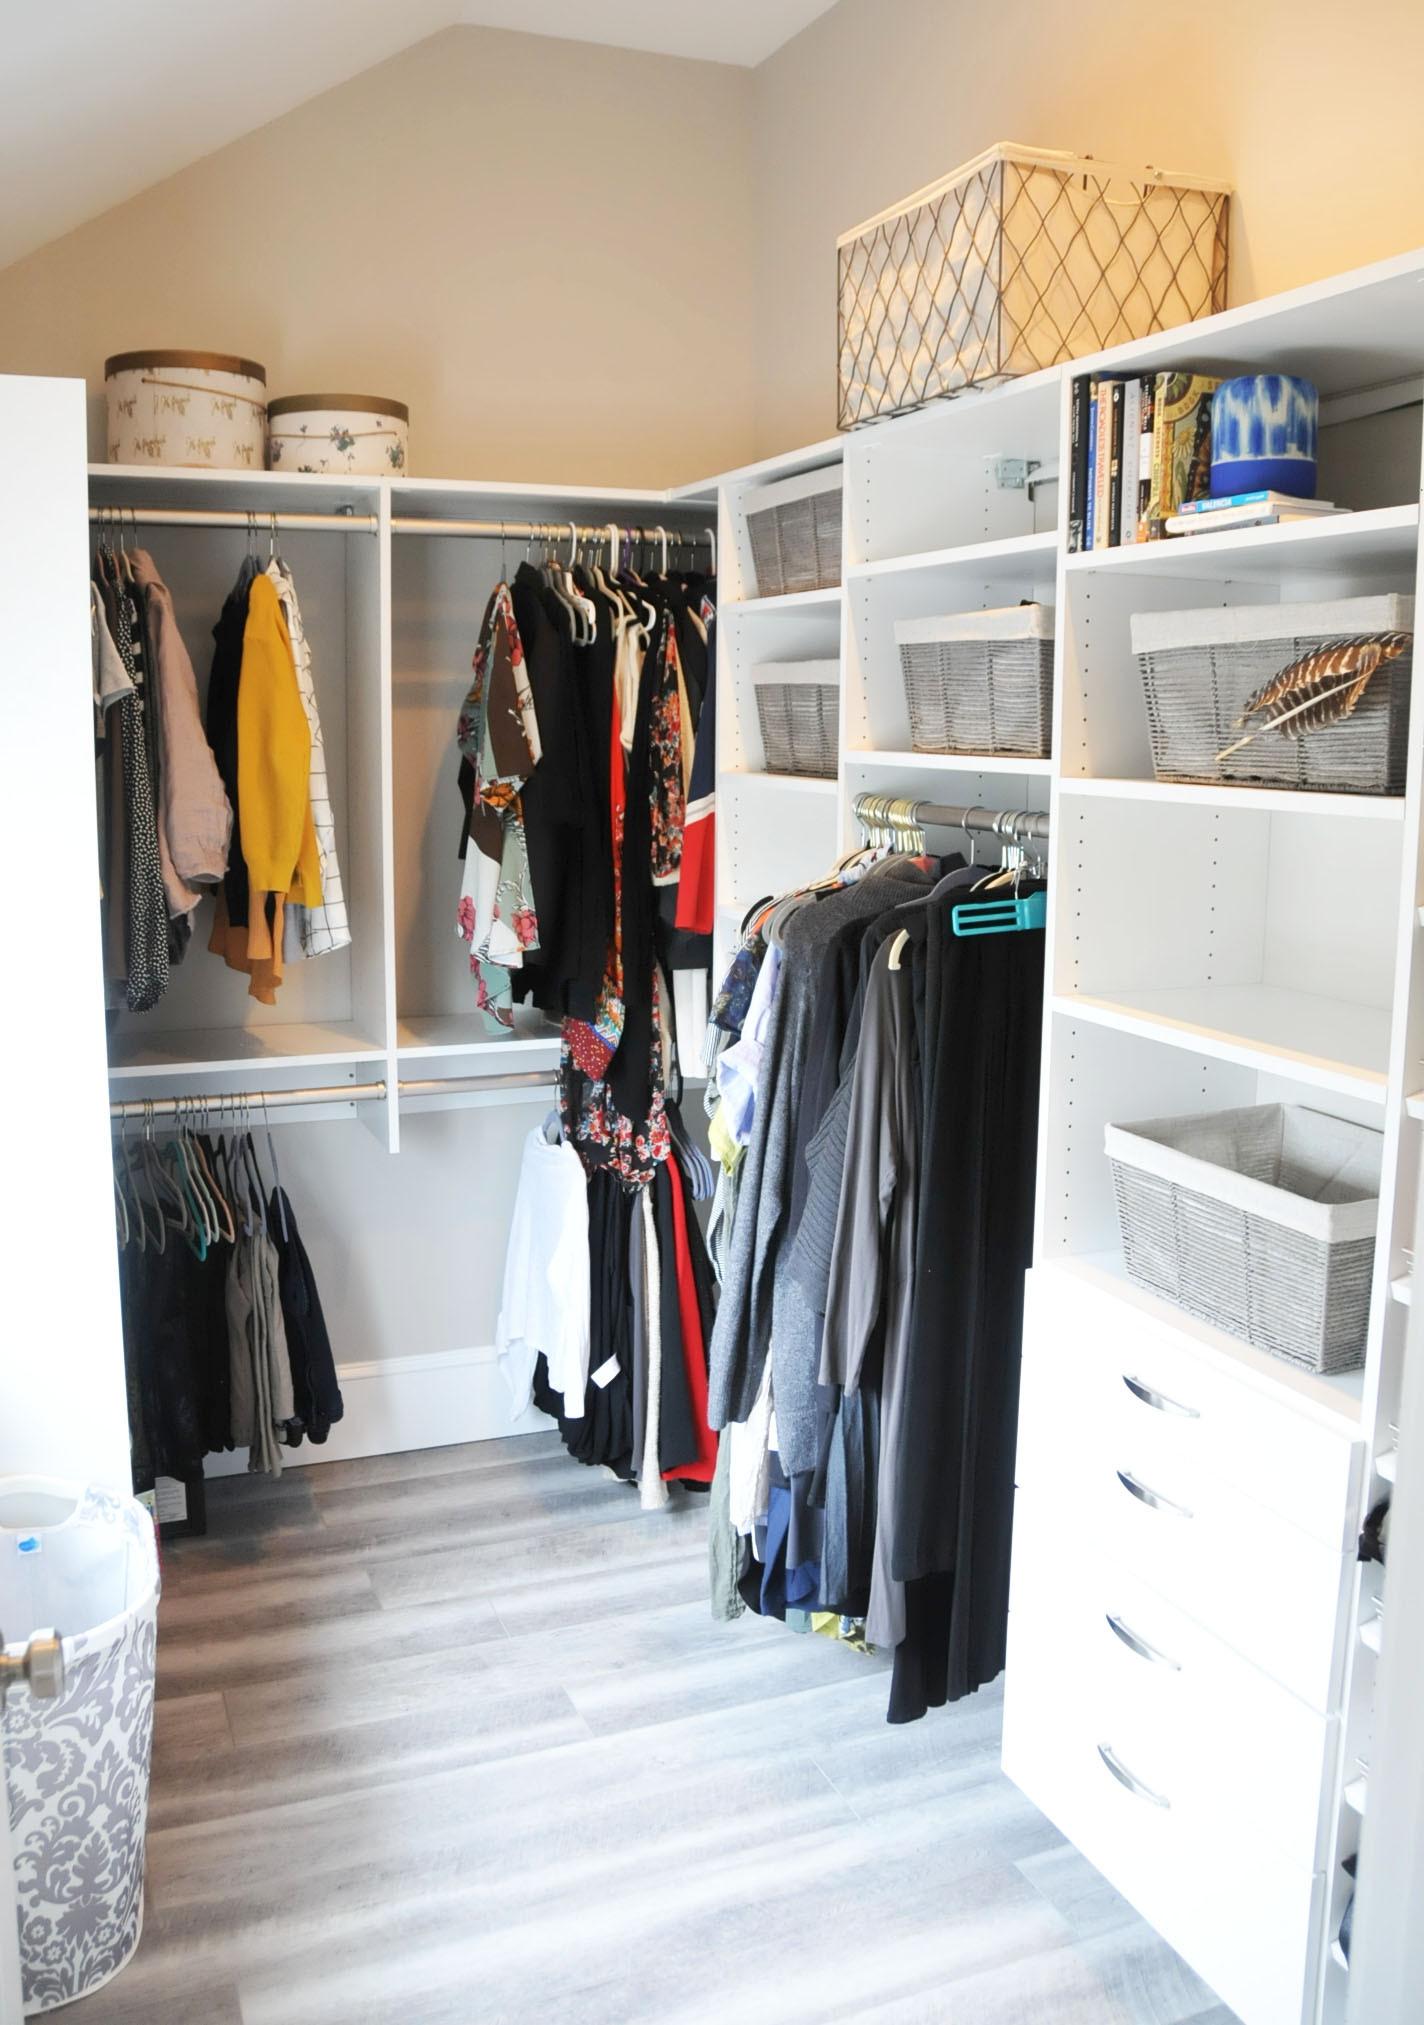 Her Custom Closet - After